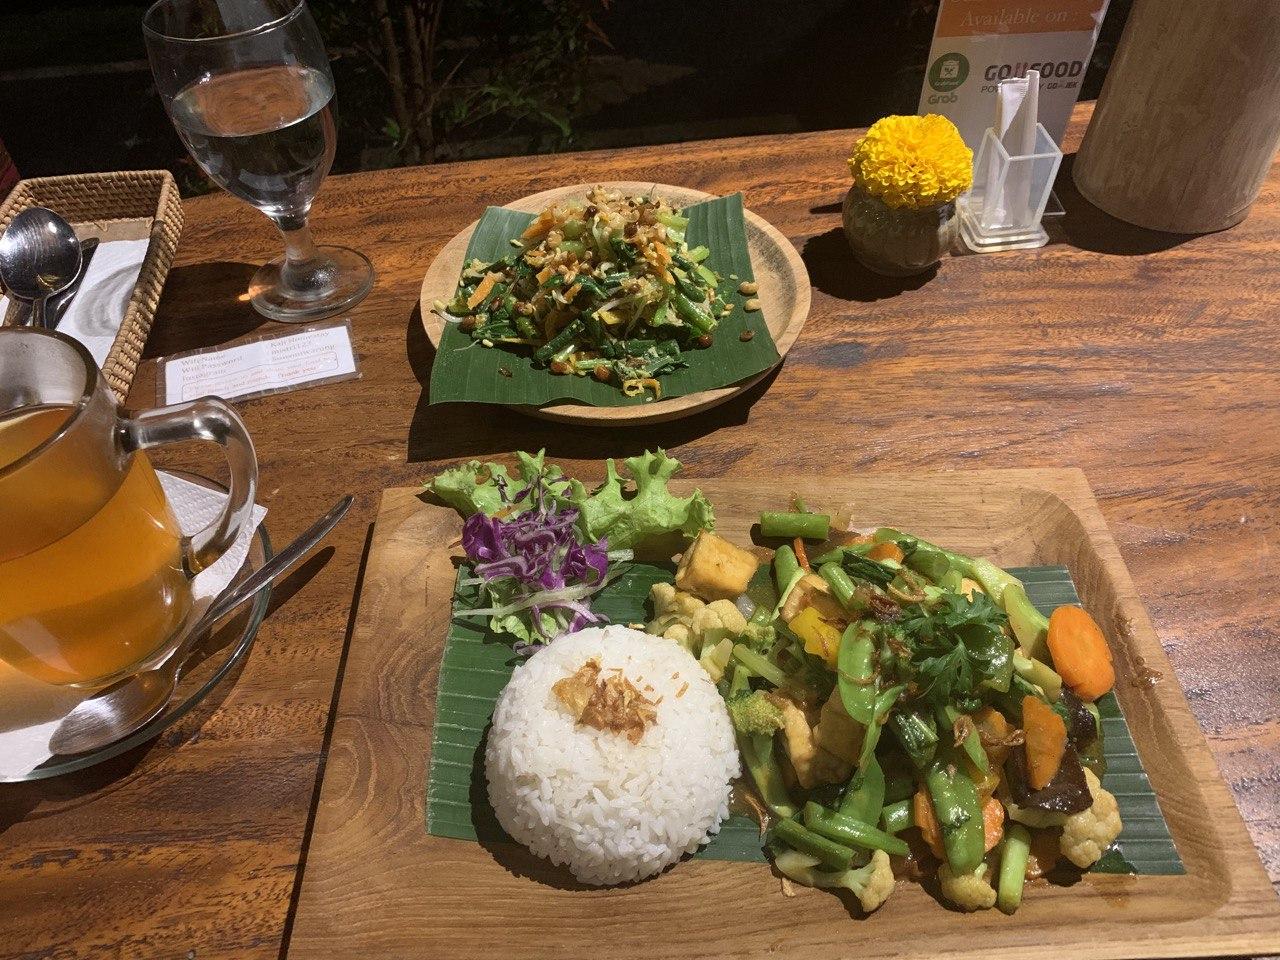 Меню и еда в местном кафе. Фото предоставлено героем интервью